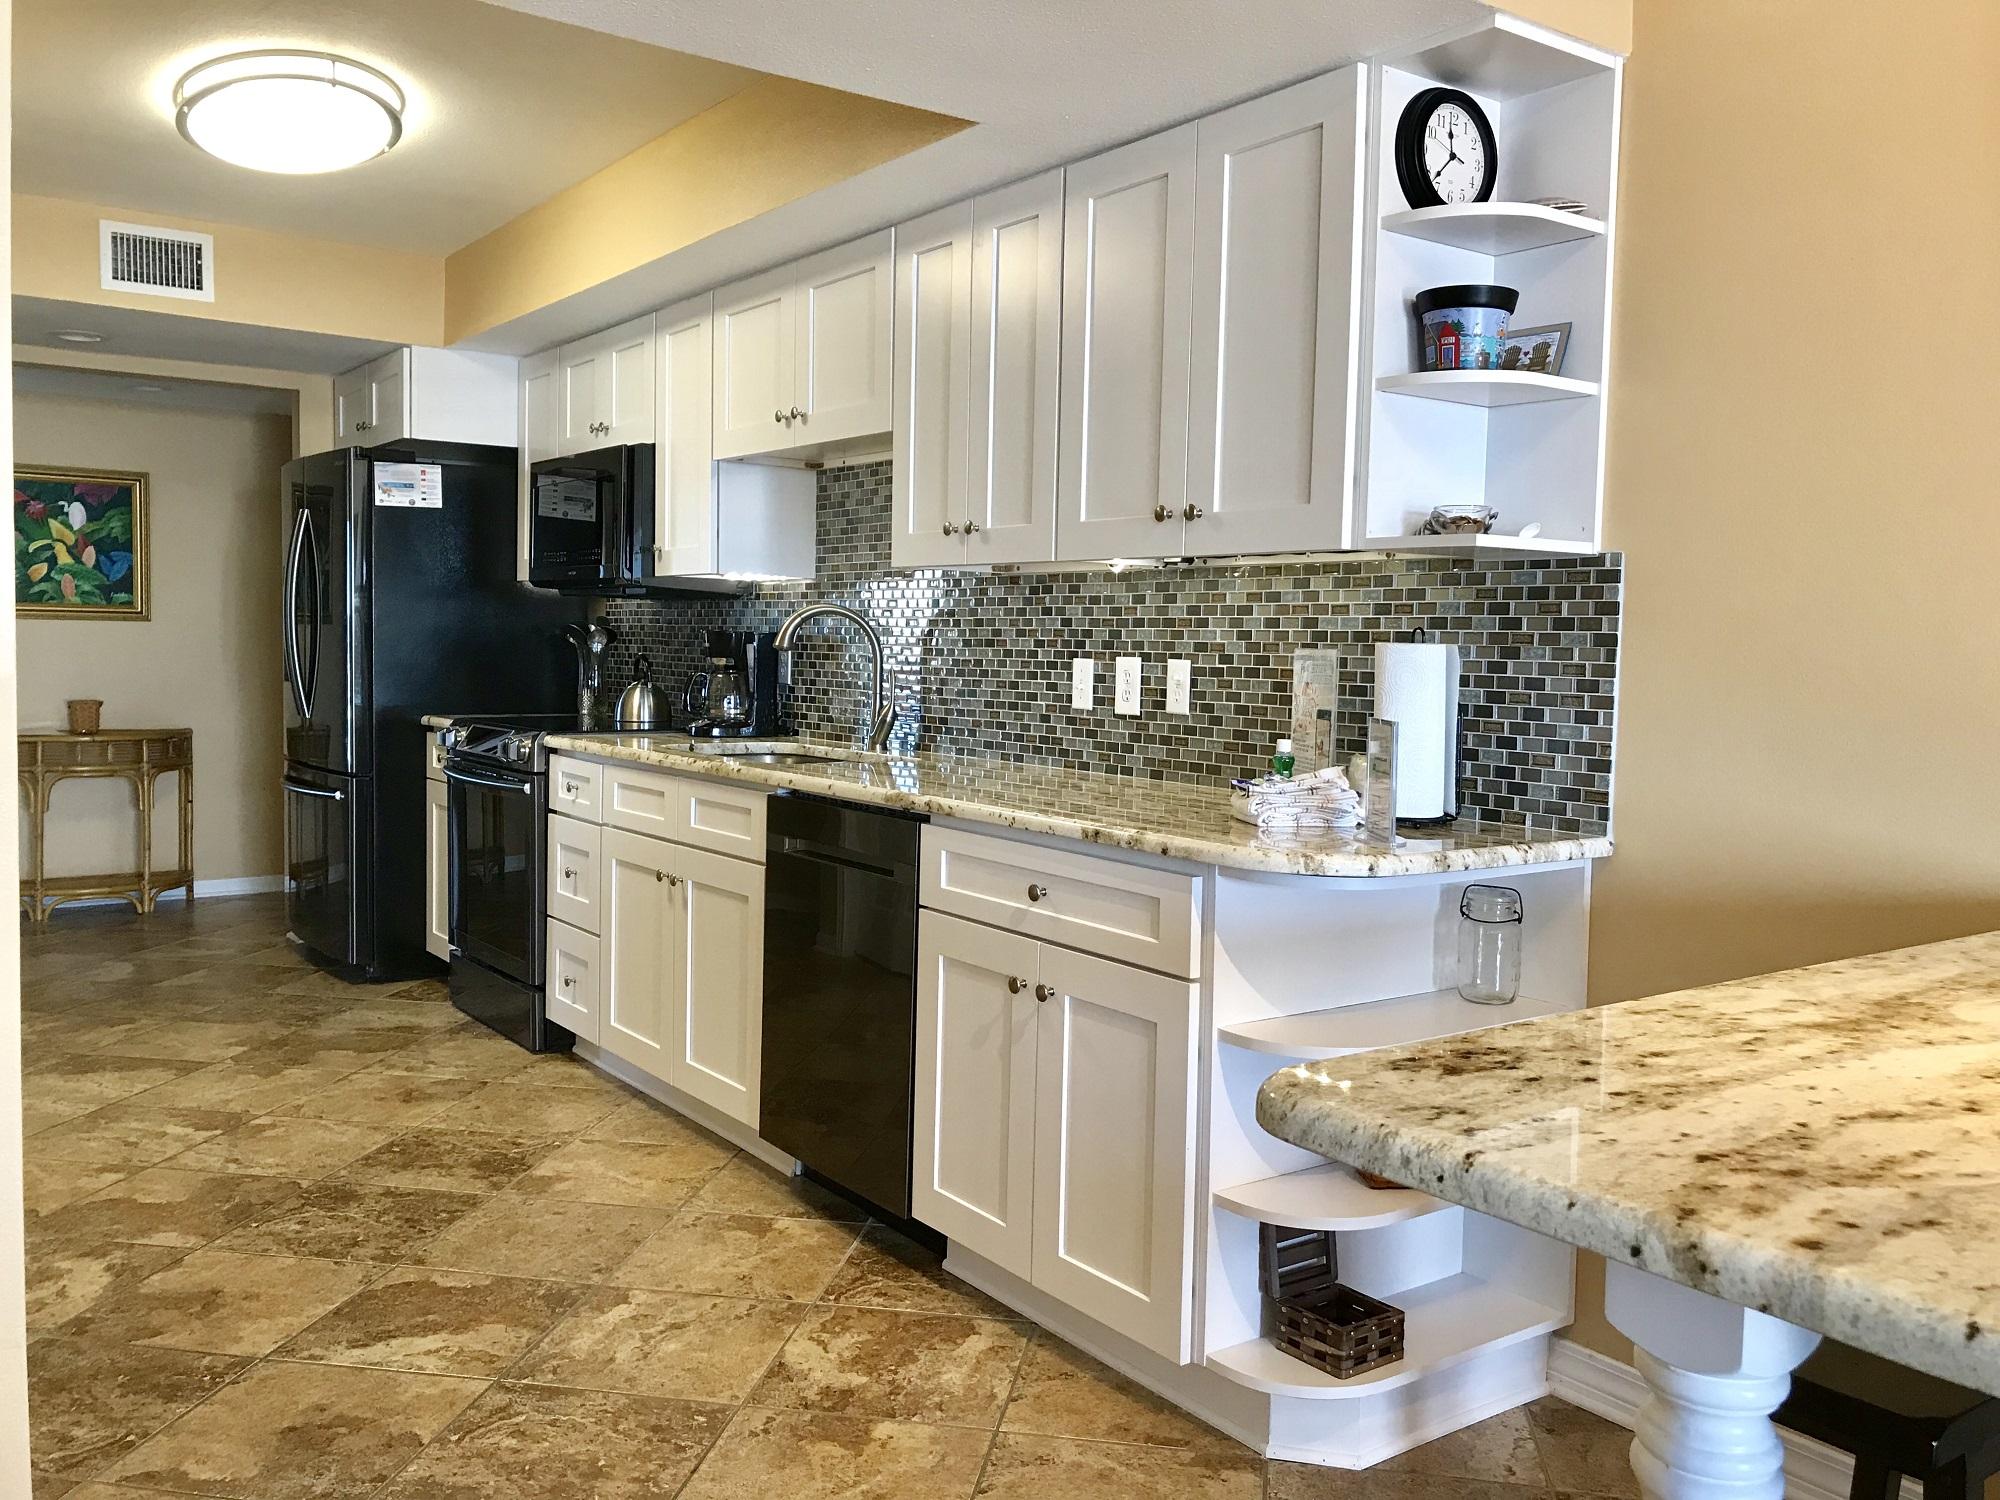 Ocean House 2606 Condo rental in Ocean House - Gulf Shores in Gulf Shores Alabama - #13